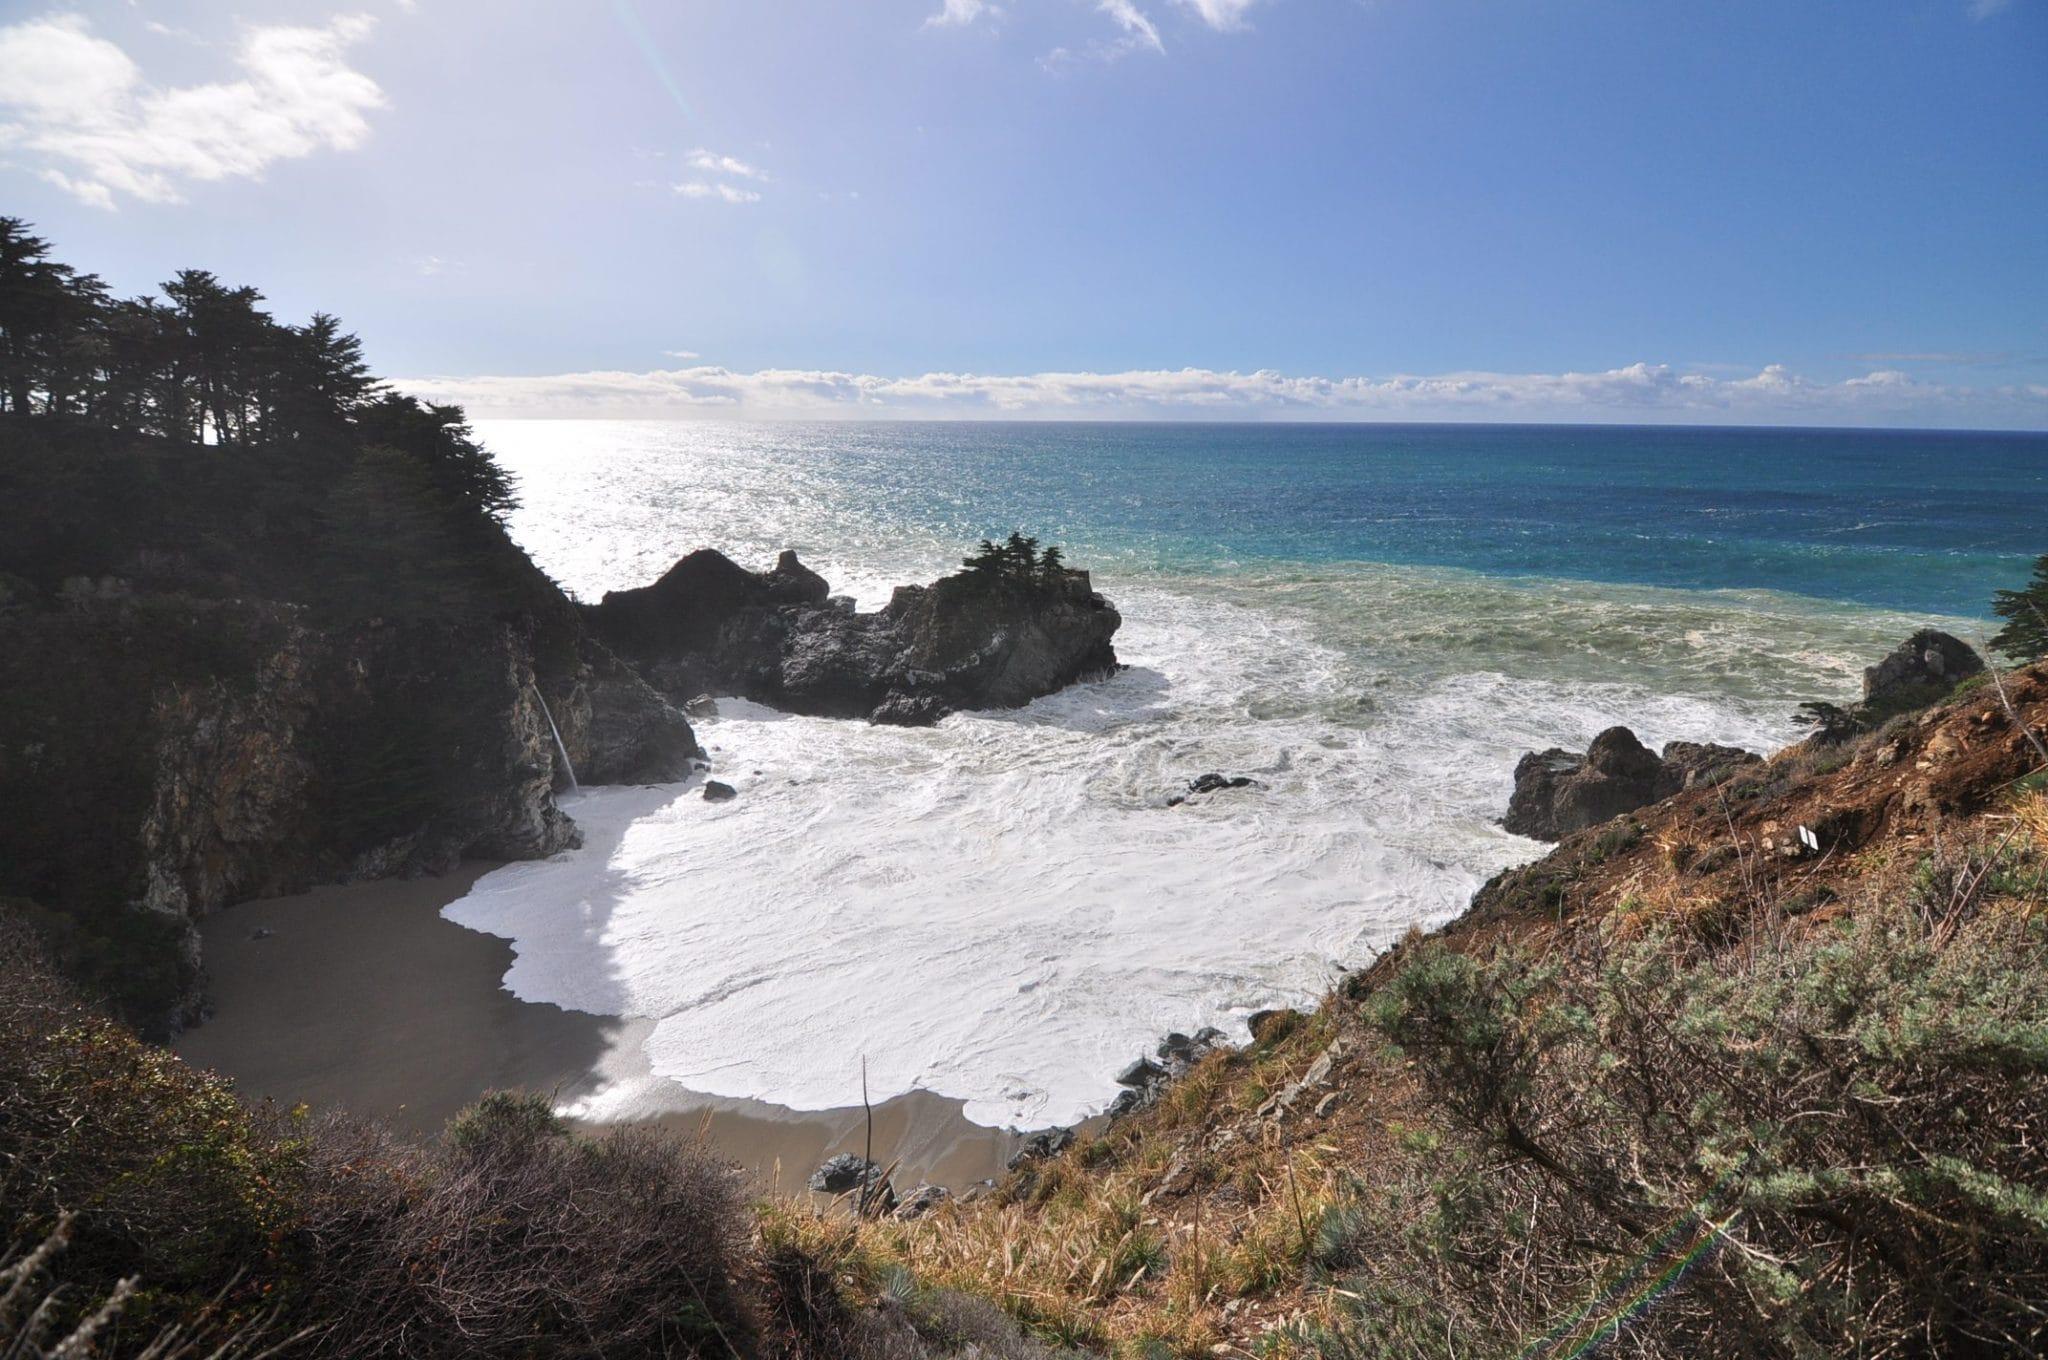 Big Sur, McWay Falls, Monologue by Kris